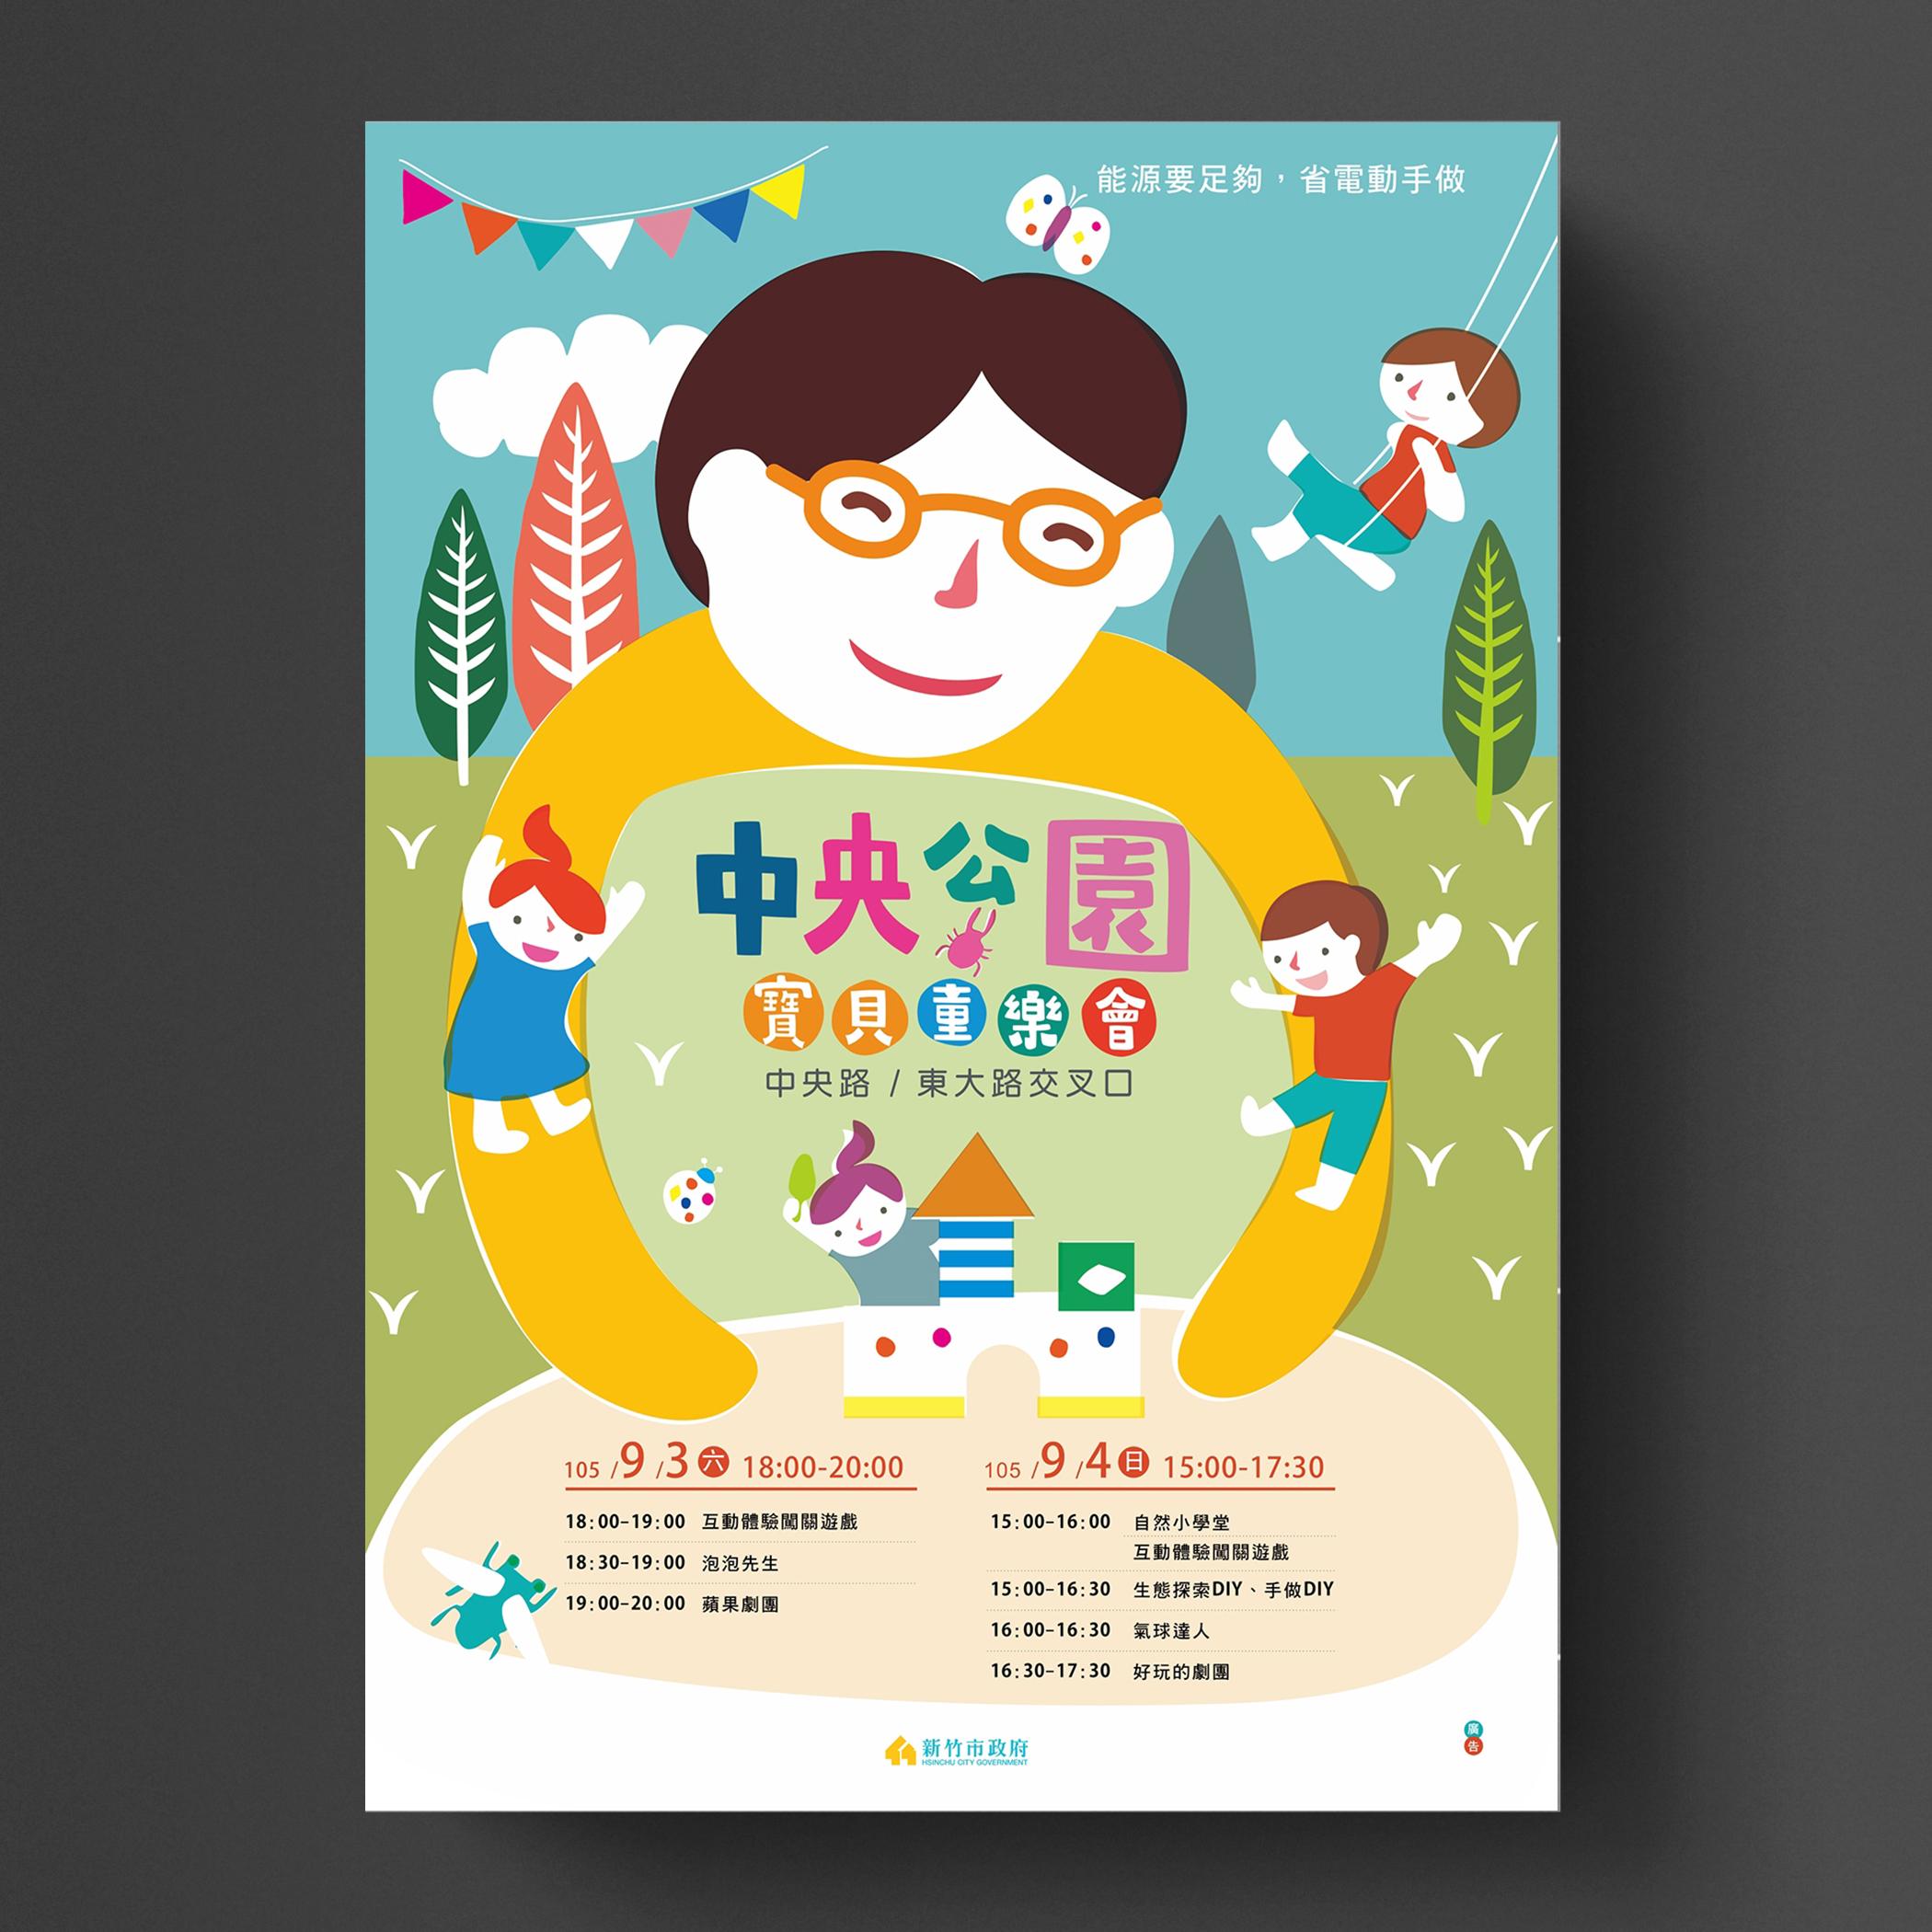 新竹市中央公園寶貝童樂會